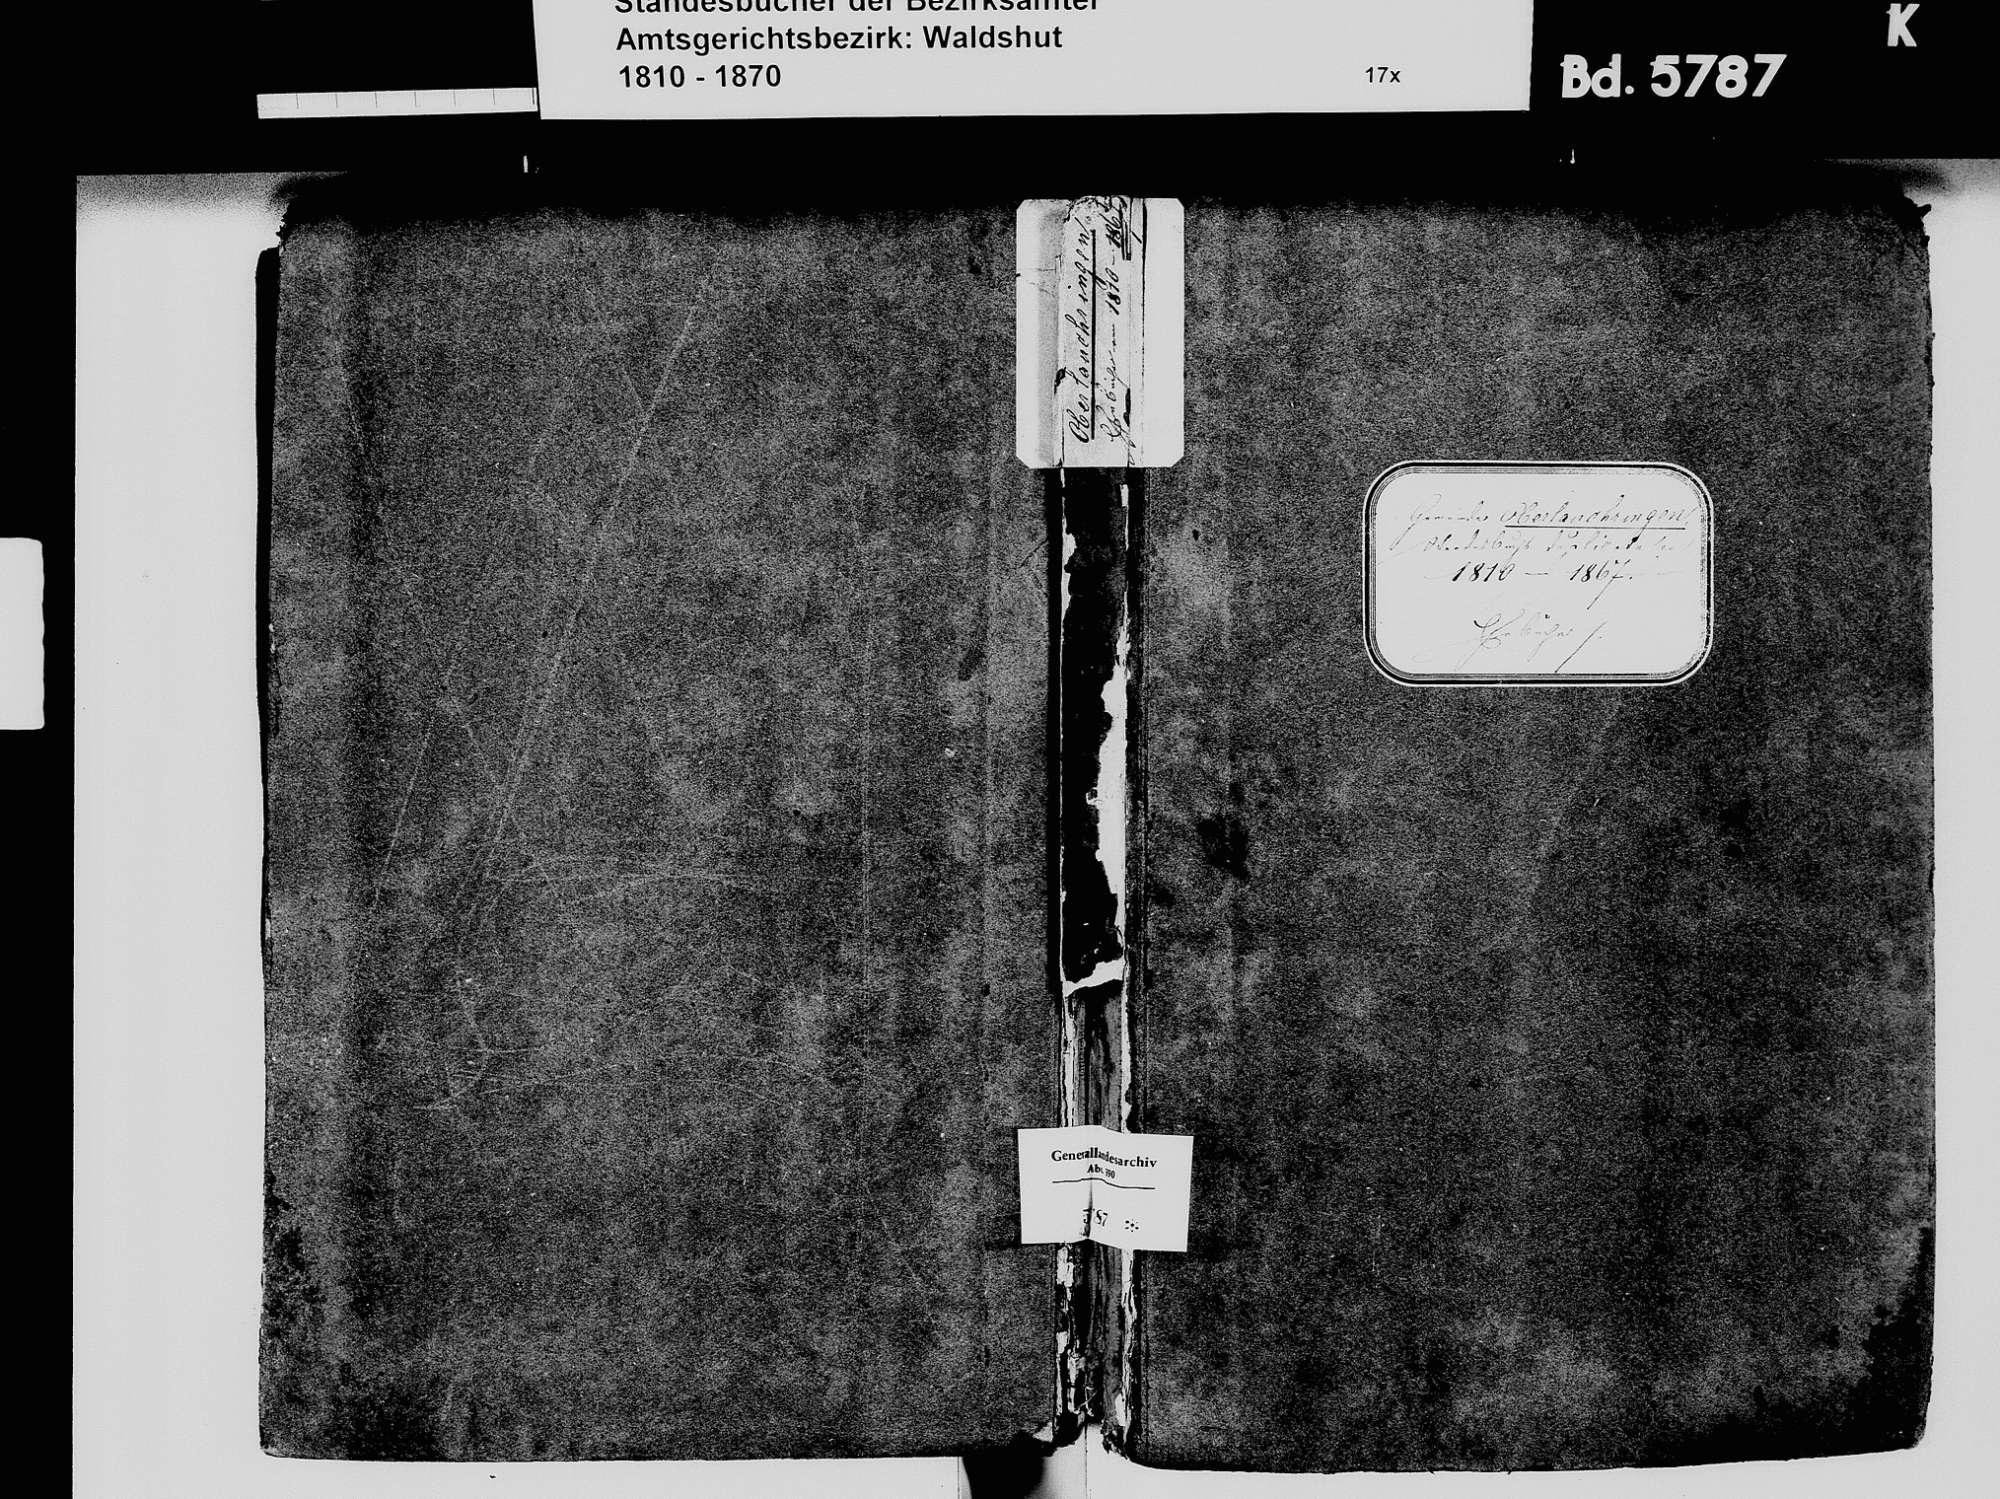 Oberlauchringen, Lauchringen WT; Katholische Gemeinde: Heiratsbuch 1810-1869 Oberlauchringen, Lauchringen WT; Katholische Gemeinde: Sterbebuch 1818, Bild 2